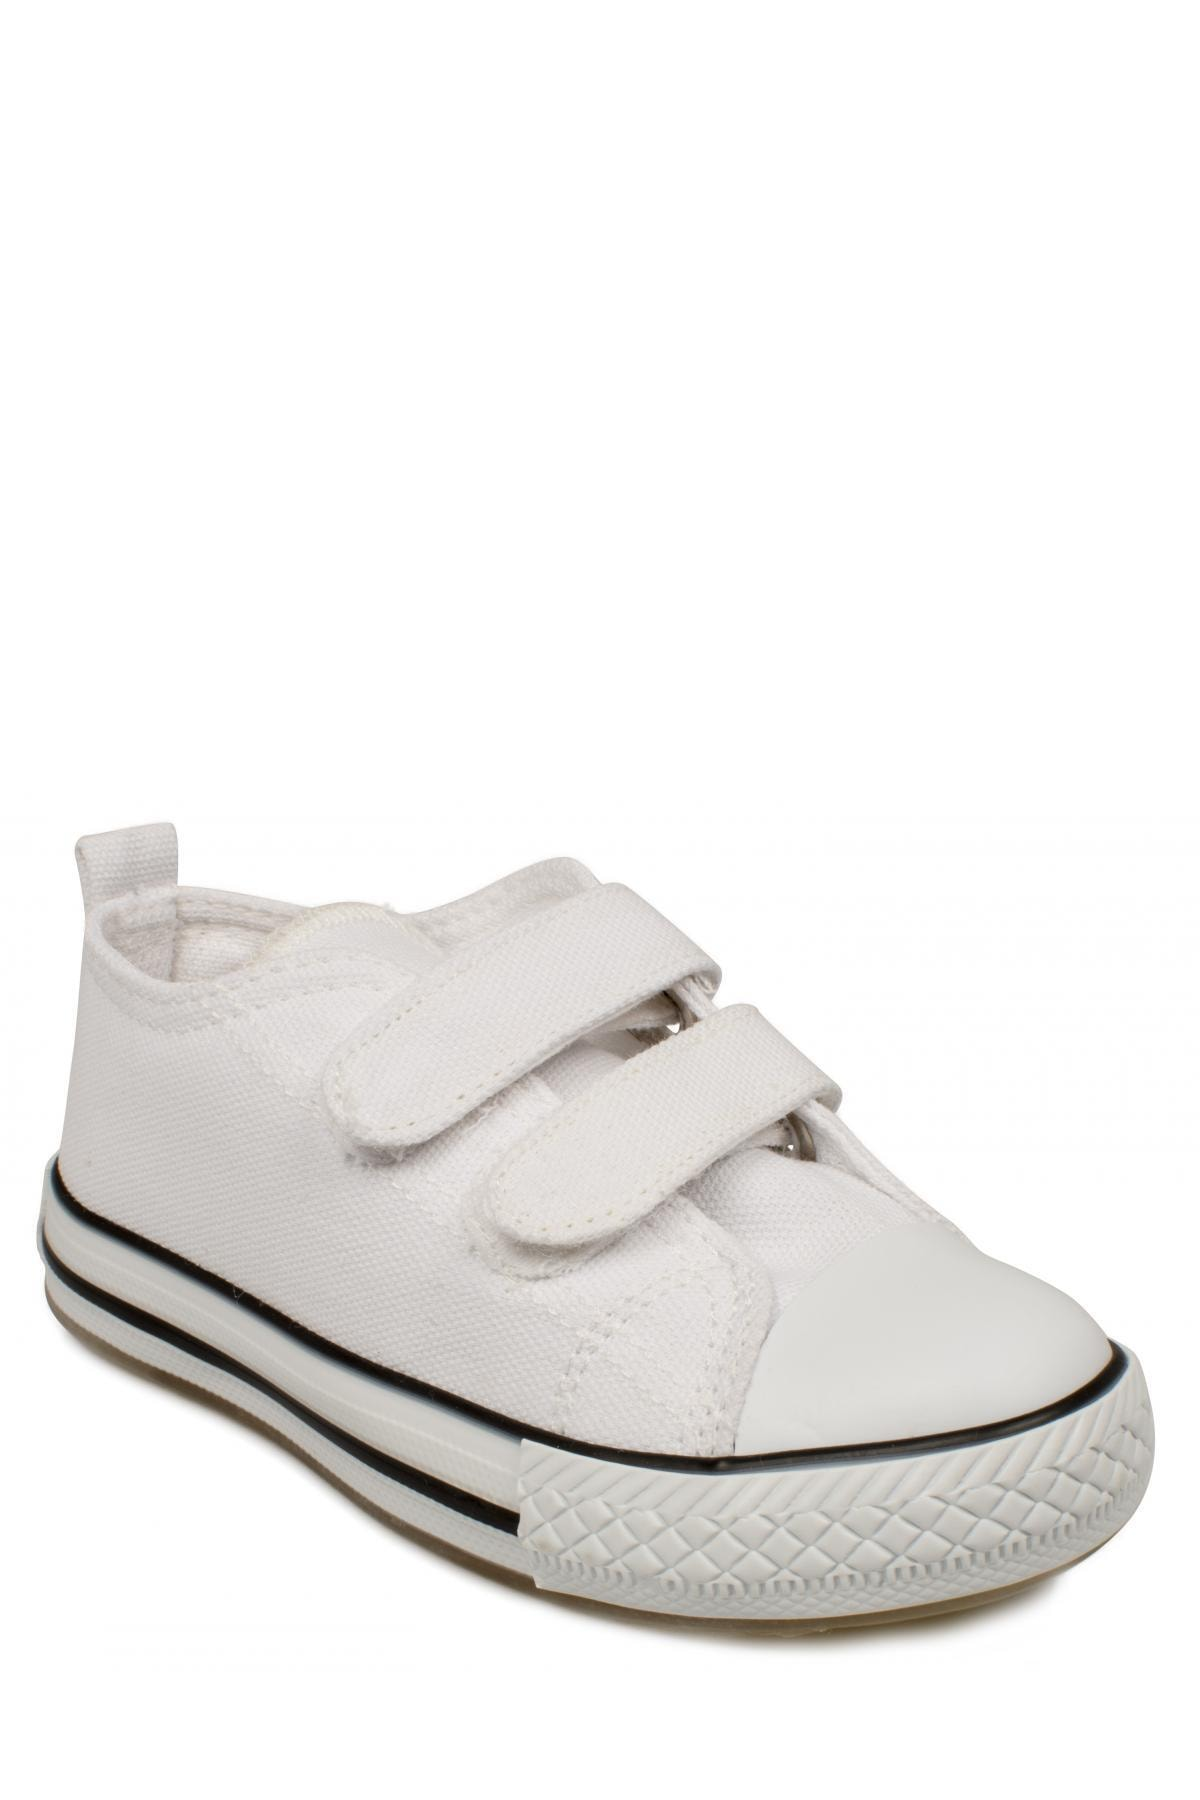 925.p20y150 Patik Işıklı Keten Beyaz Çocuk Spor Ayakkabı